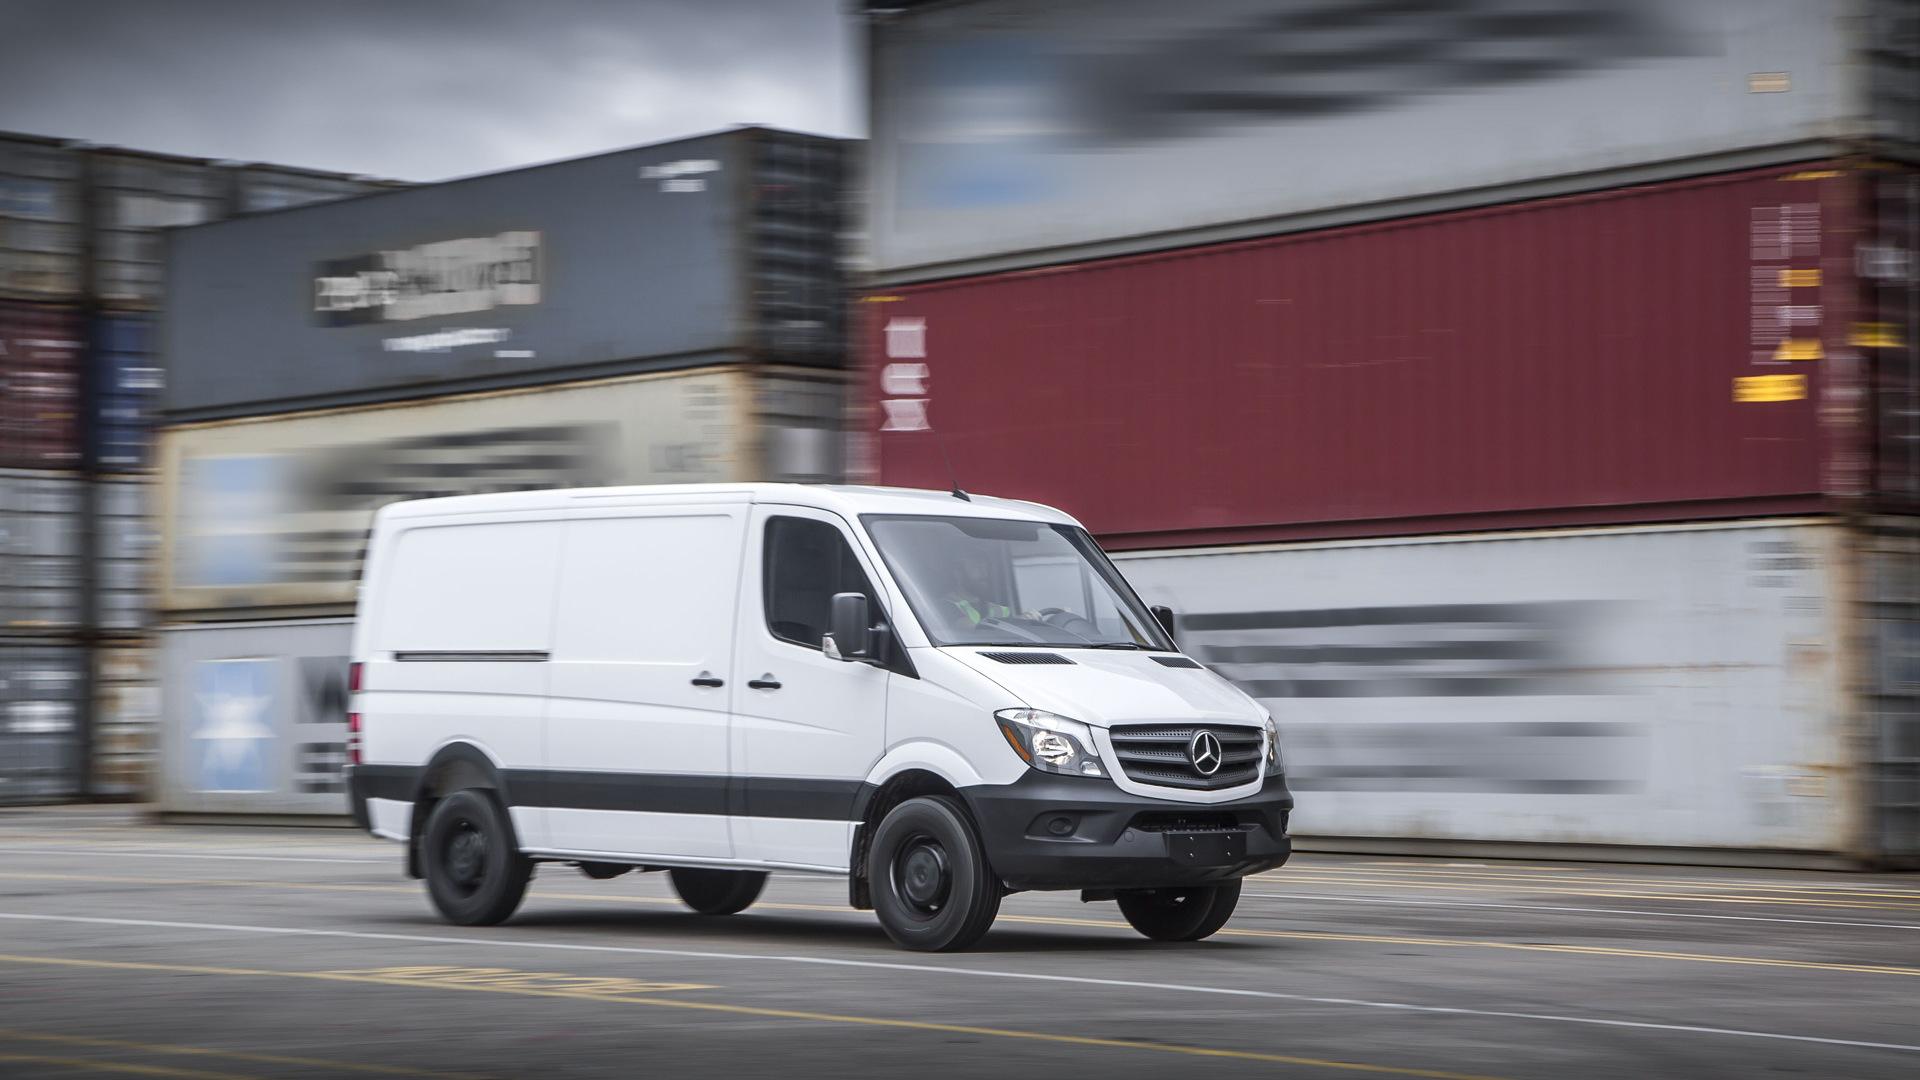 2017 Mercedes-Benz Sprinter Worker